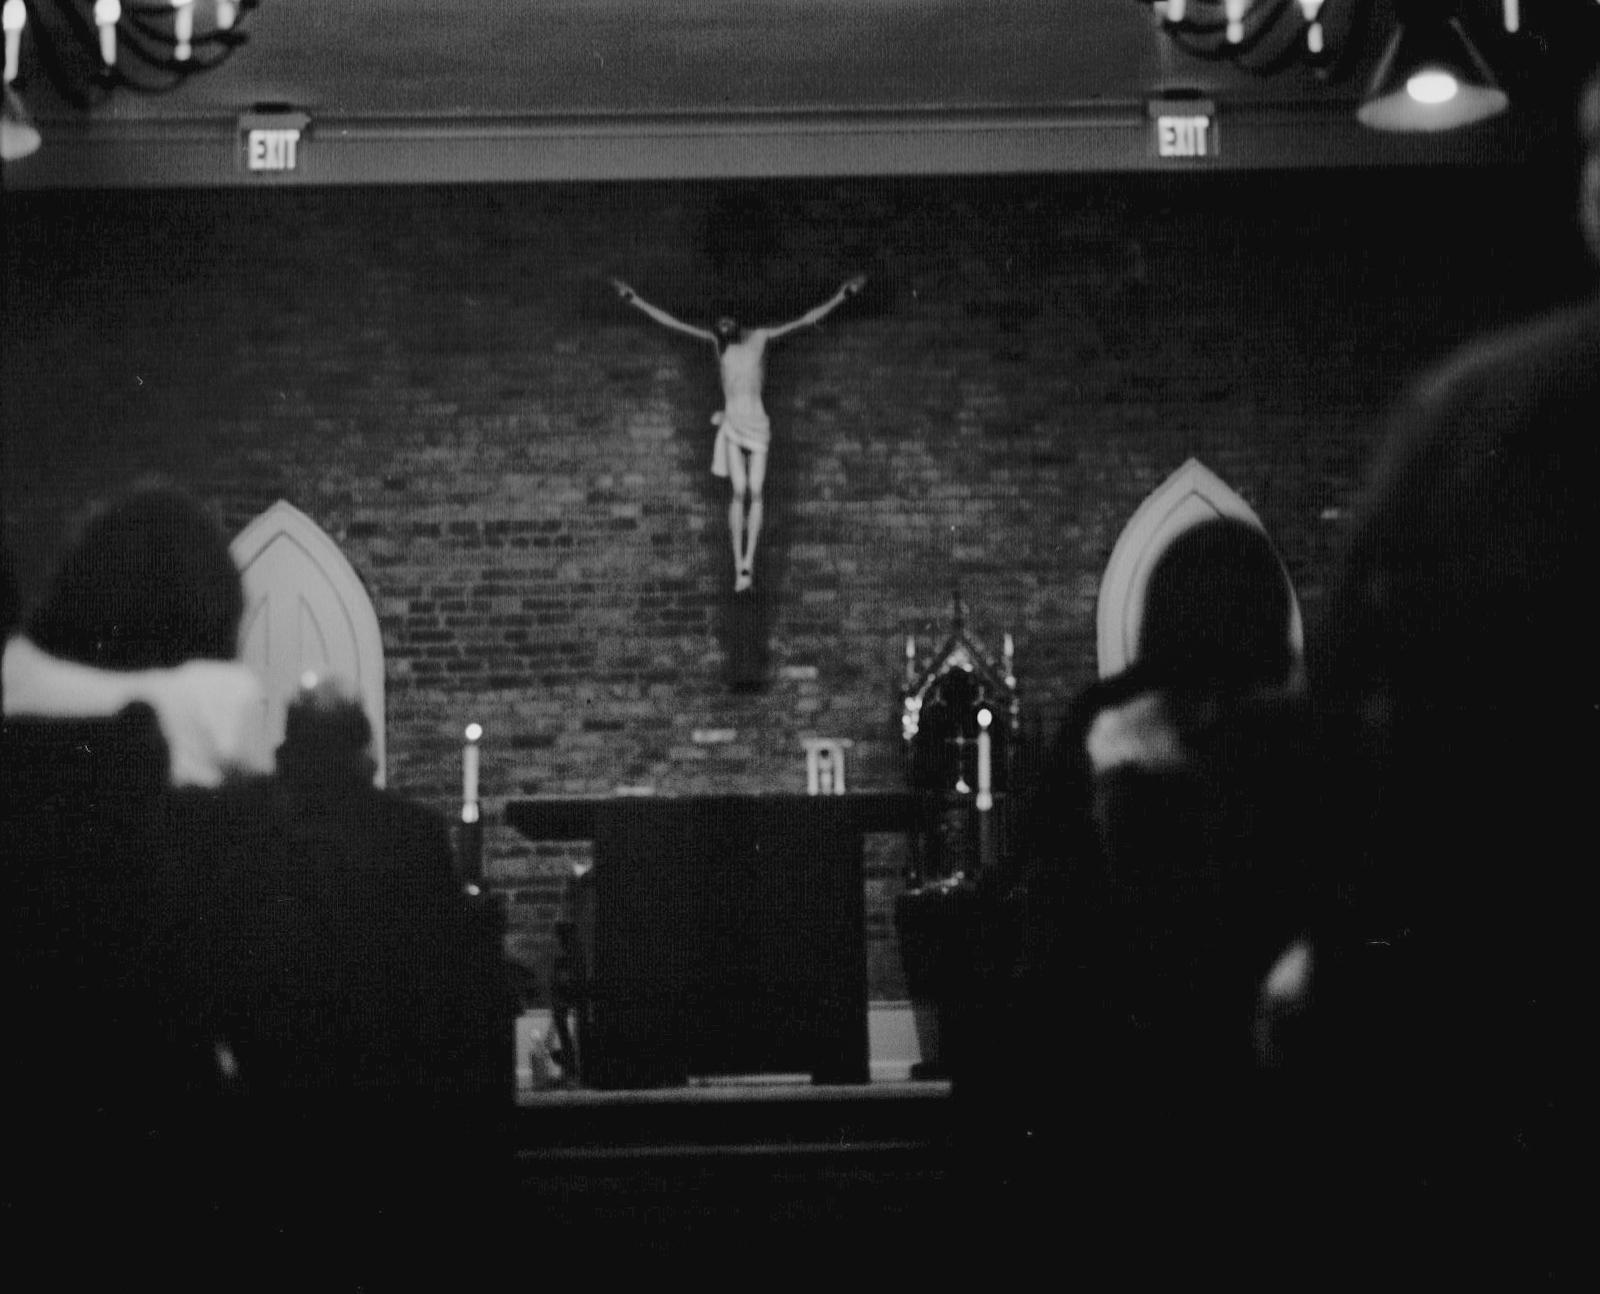 Church - 10/11/14